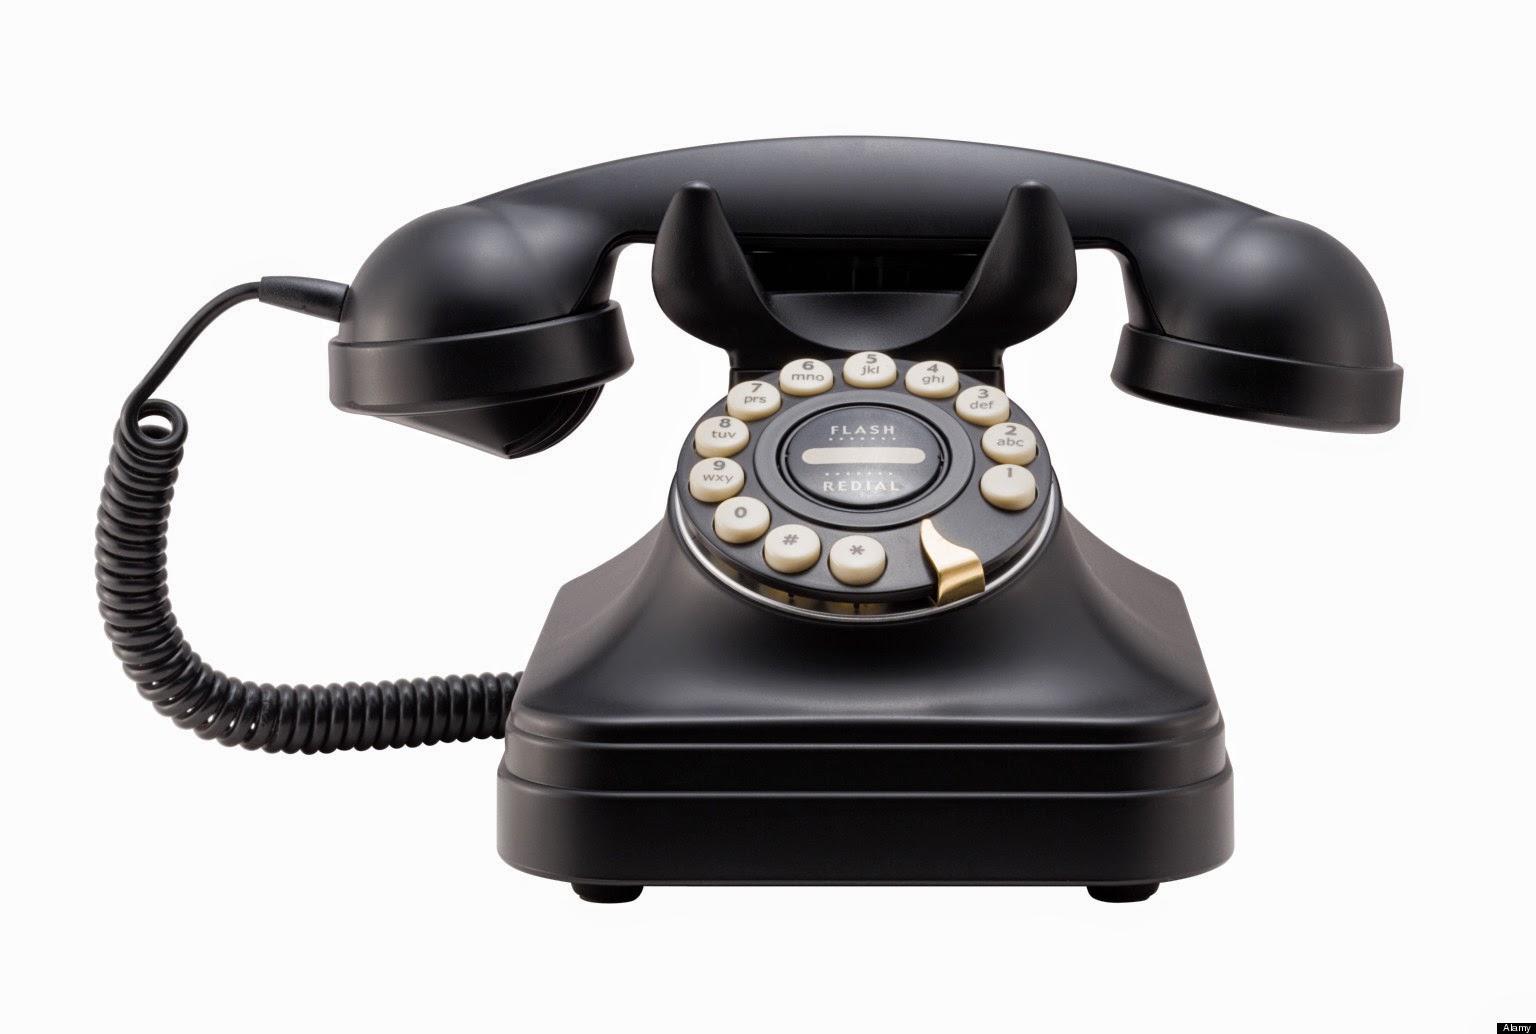 κινητό τηλέφωνο, τηλέφωνο,